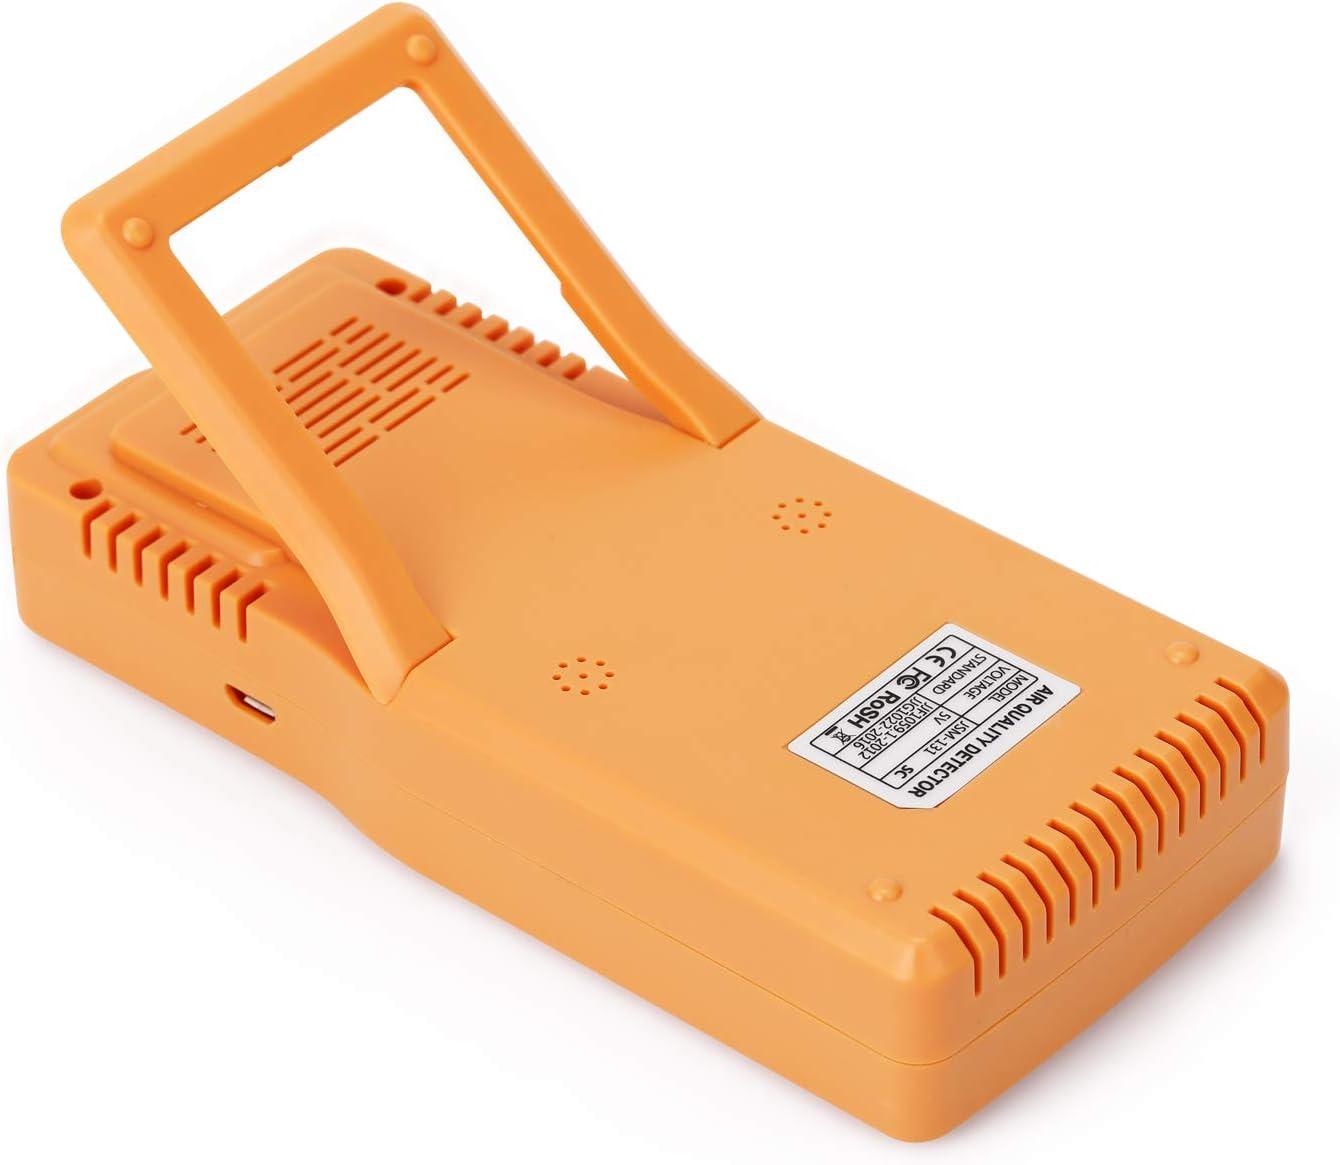 Kecheer Medidor dioxido carbono,Medidor de co2//HCHO//TVOC//AQI,Detector Co2 en aire con term/ómetro higr/ómetro